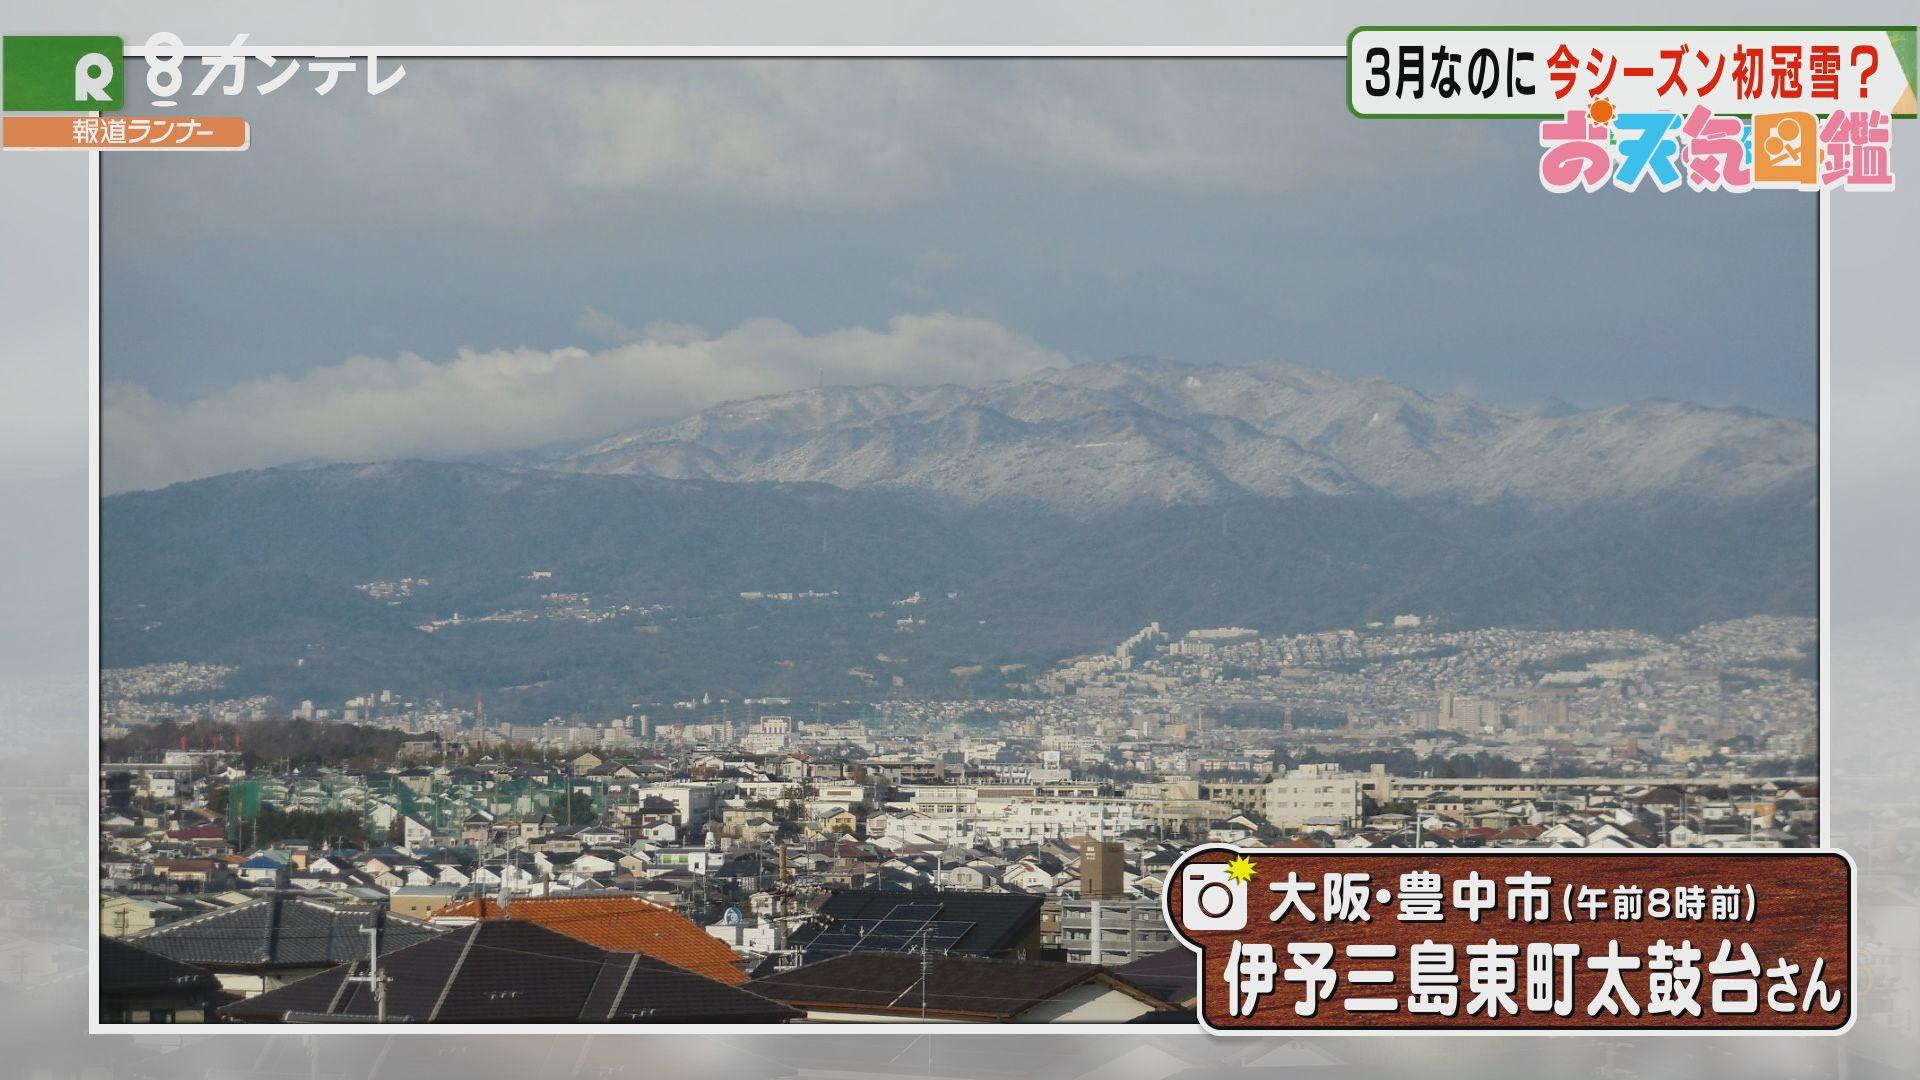 「3月なのに初冠雪?」(兵庫・宝塚市)